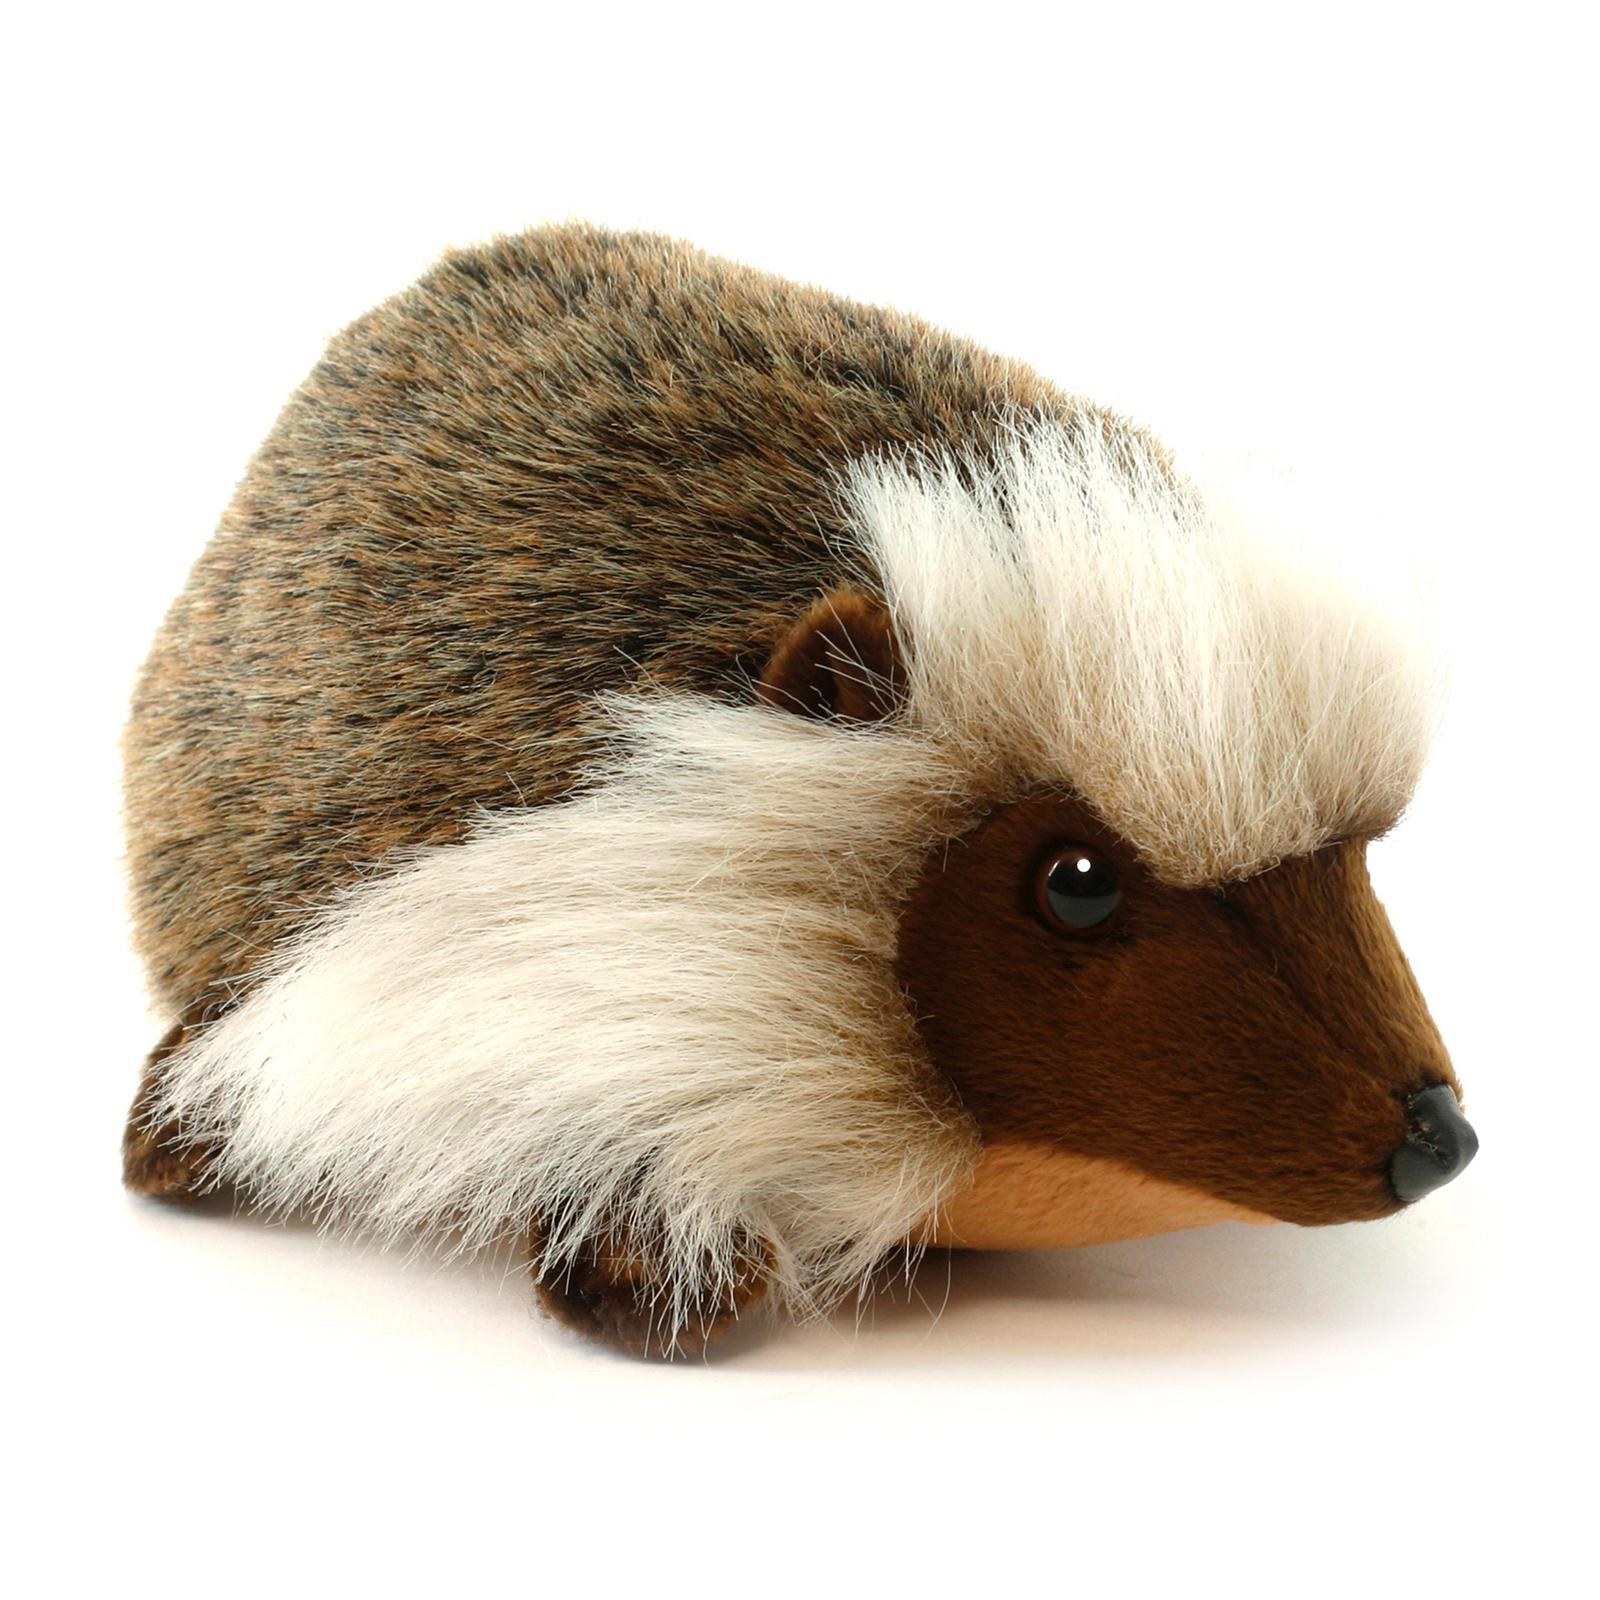 hansa Hedgehog 8 Inch Plush